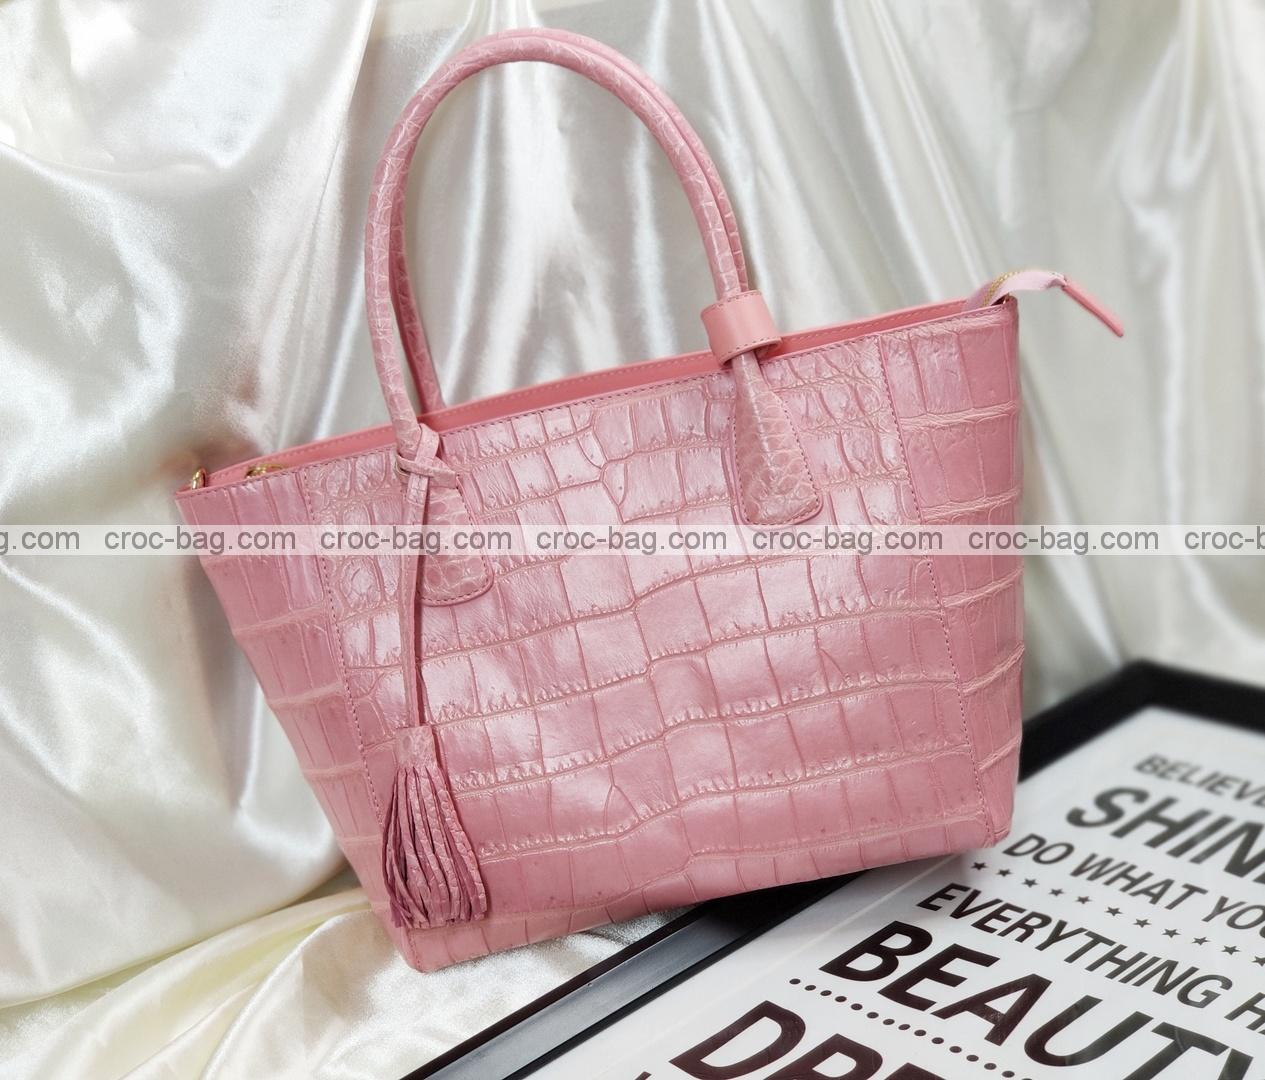 กระเป๋าหนังจระเข้สำหรับผู้หญิง 5261